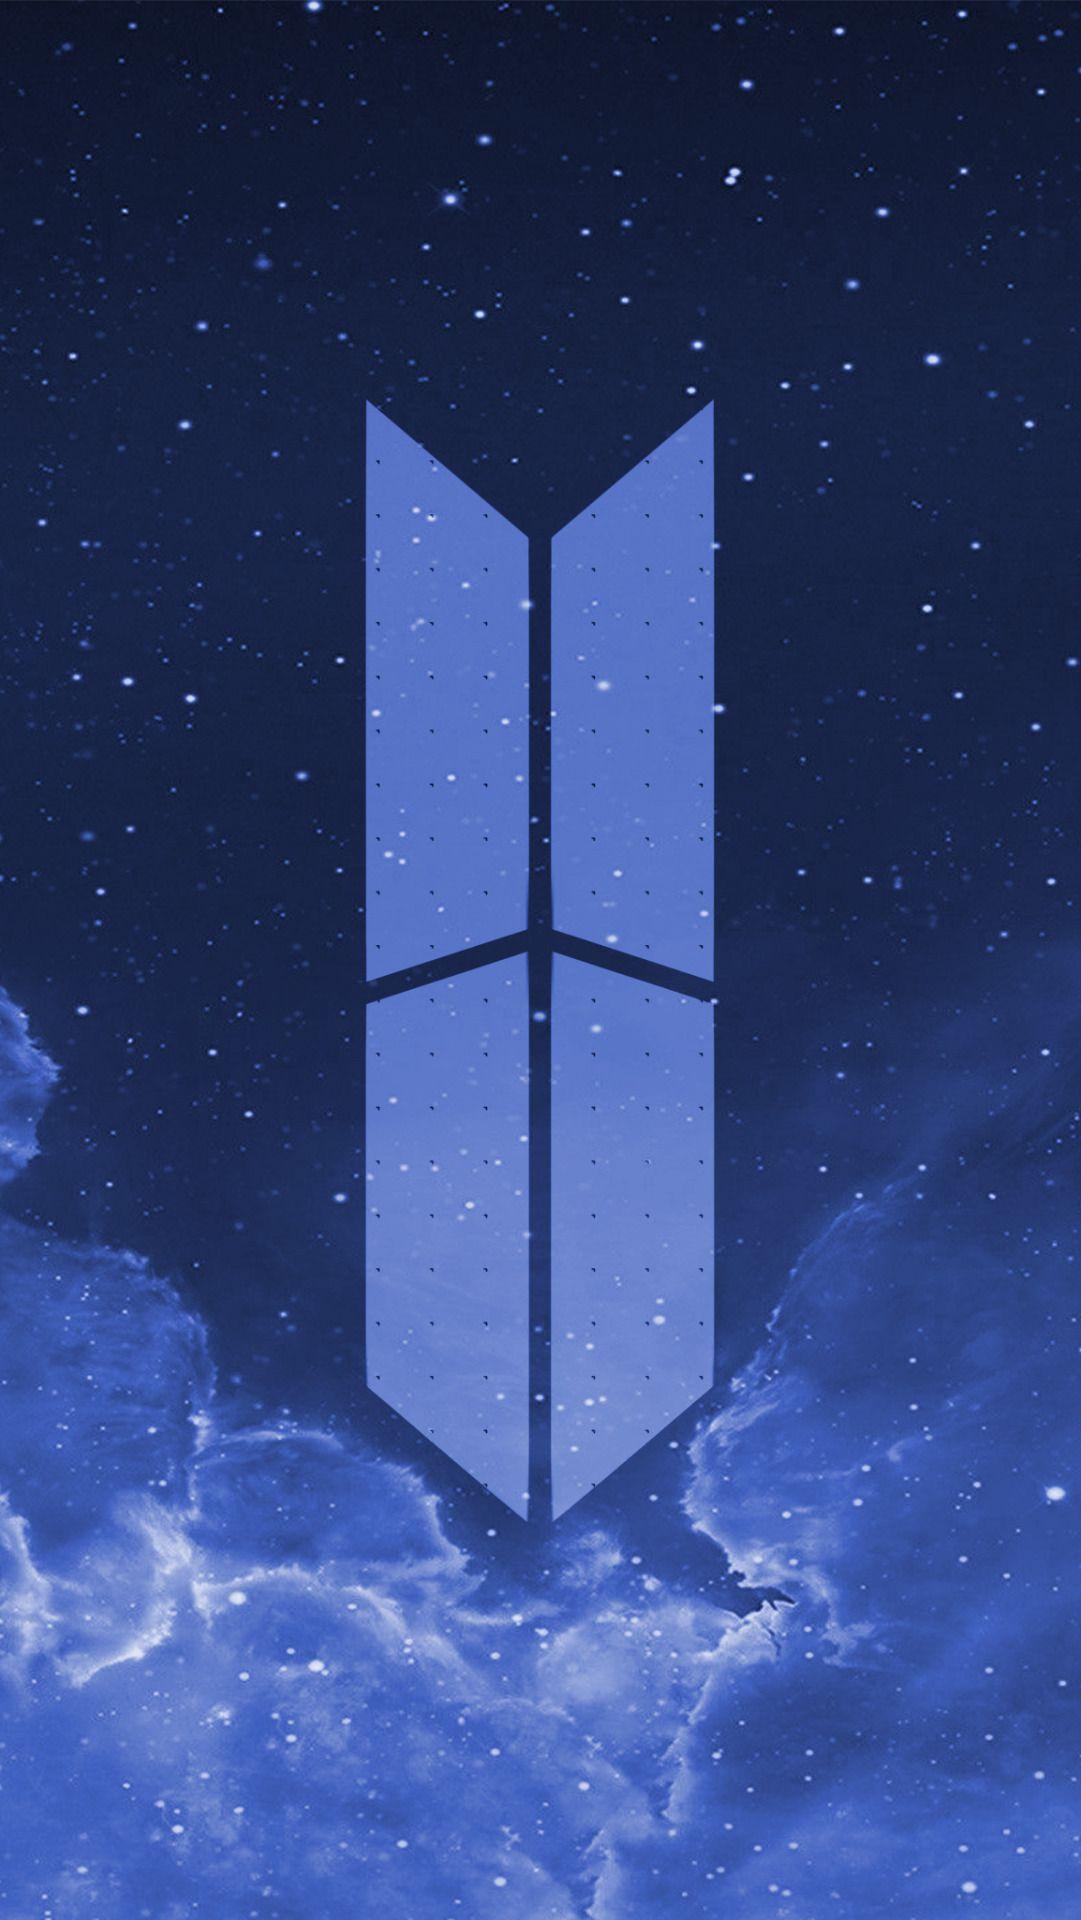 Ảnh logo BTS dành cho hình nền điền thoại